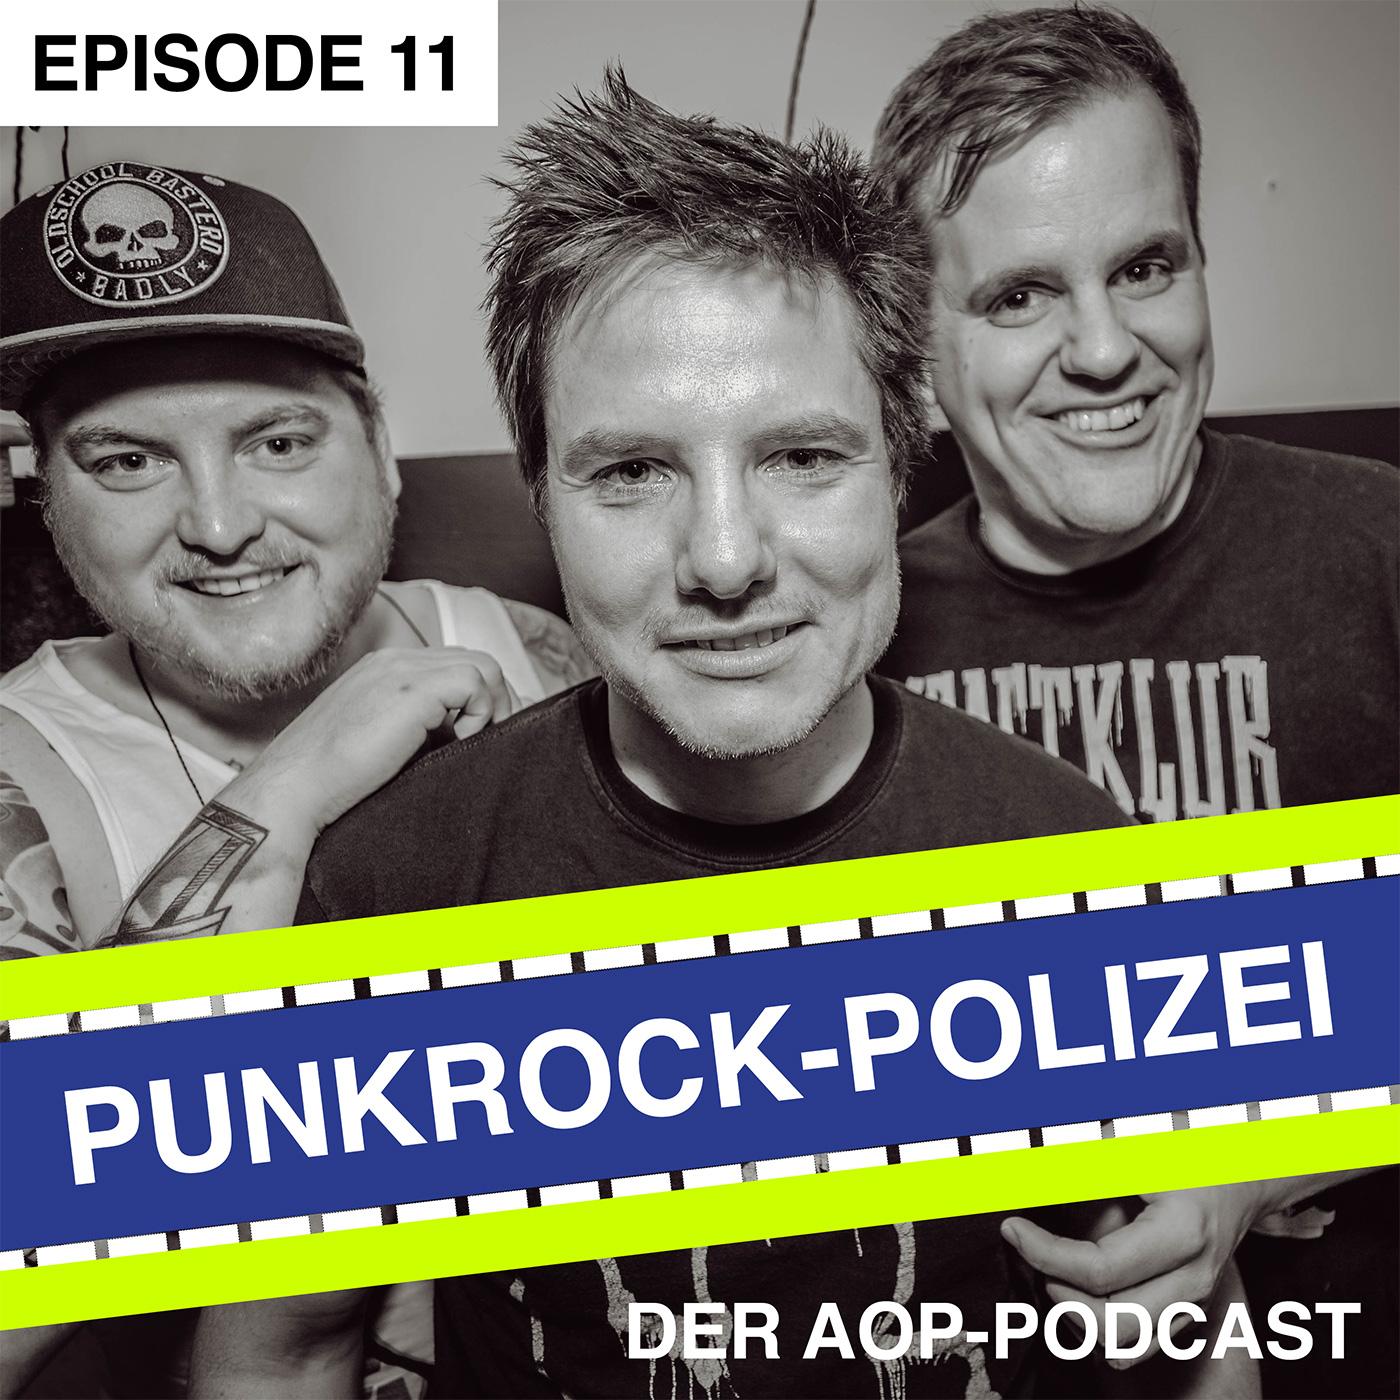 Episode #11: Zwischen Adrenalin, Down und dem Bad in der Menge (Car Session I)